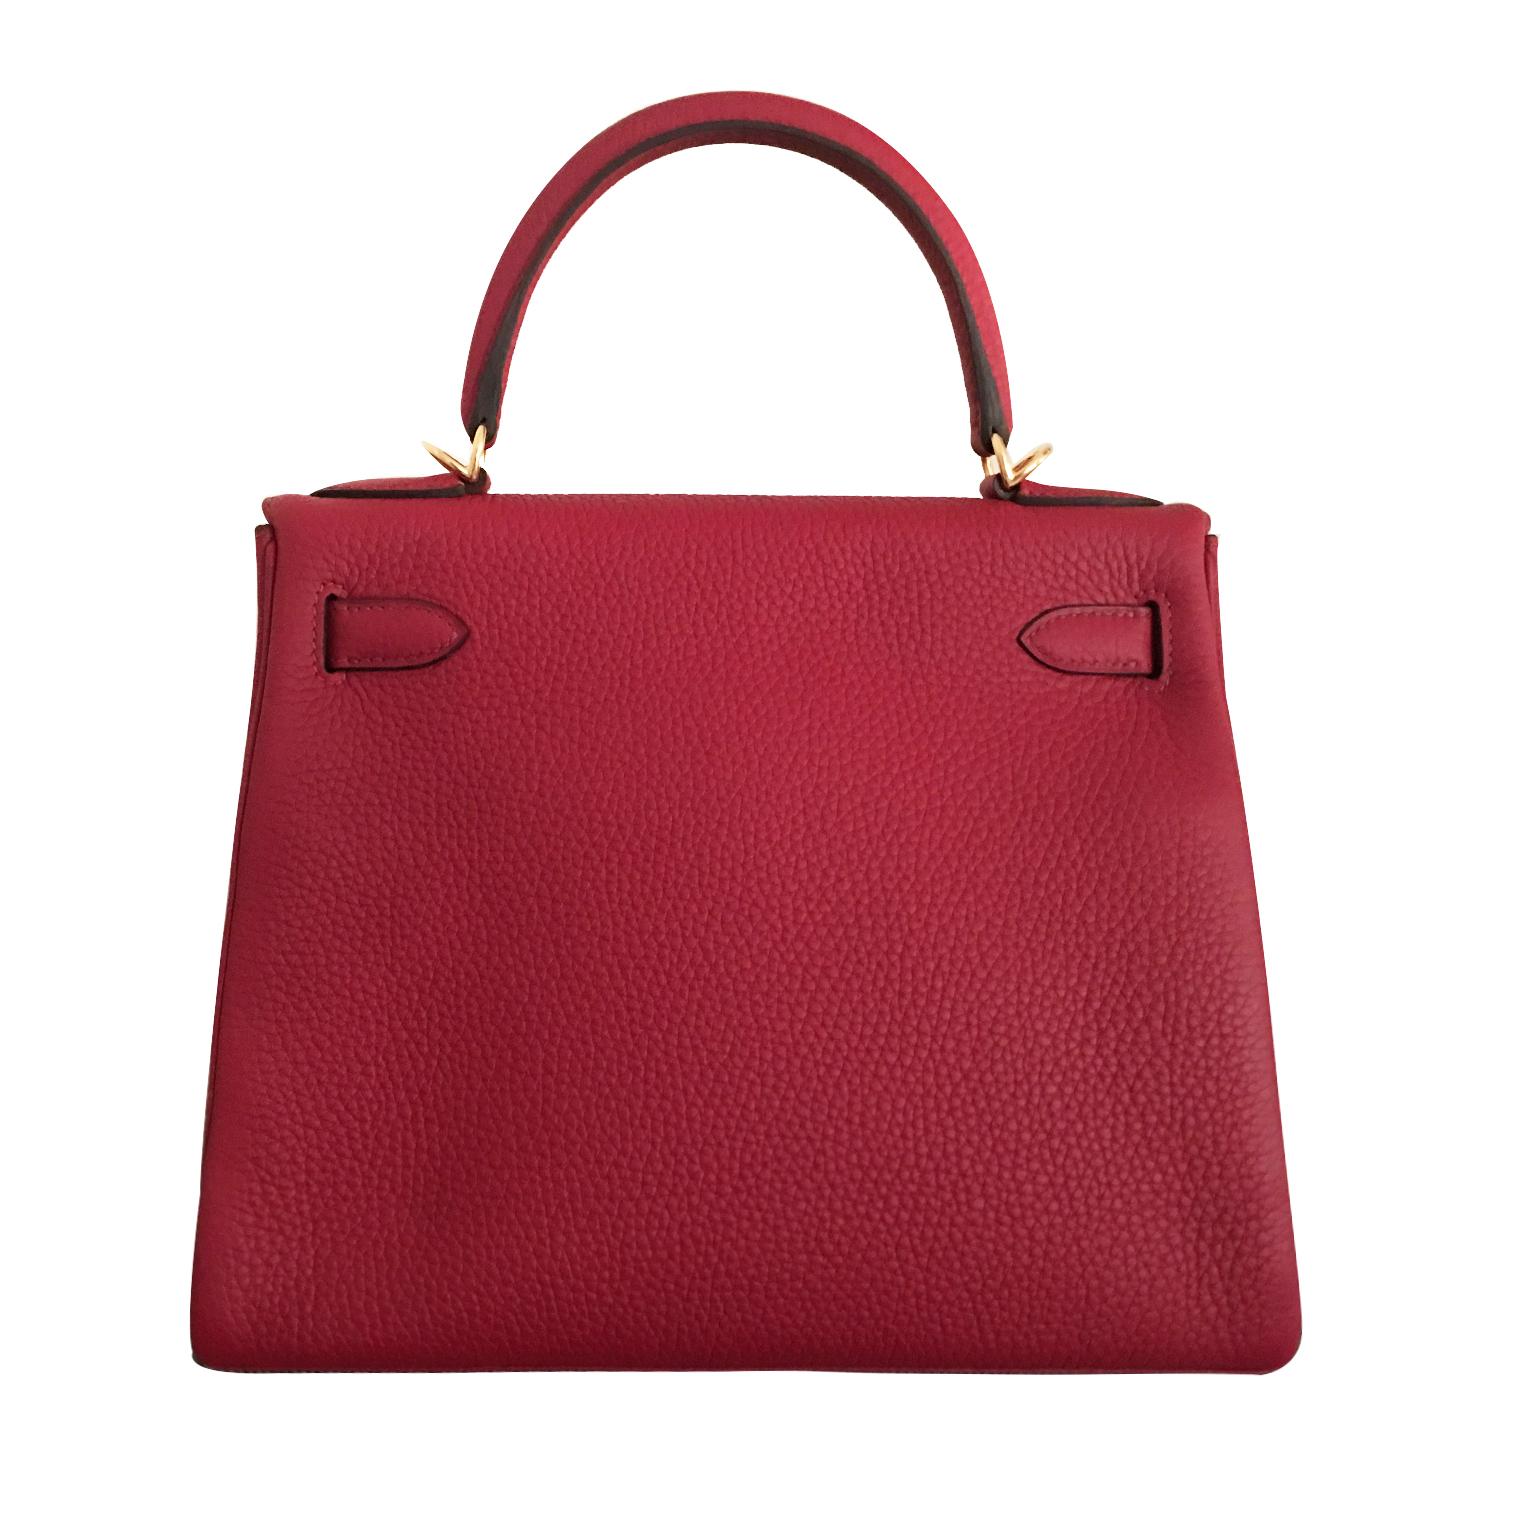 Acheter secur en ligne votre sac Hermès pour le meilleur prix. Hermes Kelly 28 Rouge Grenat en cuir Tourion Clemence